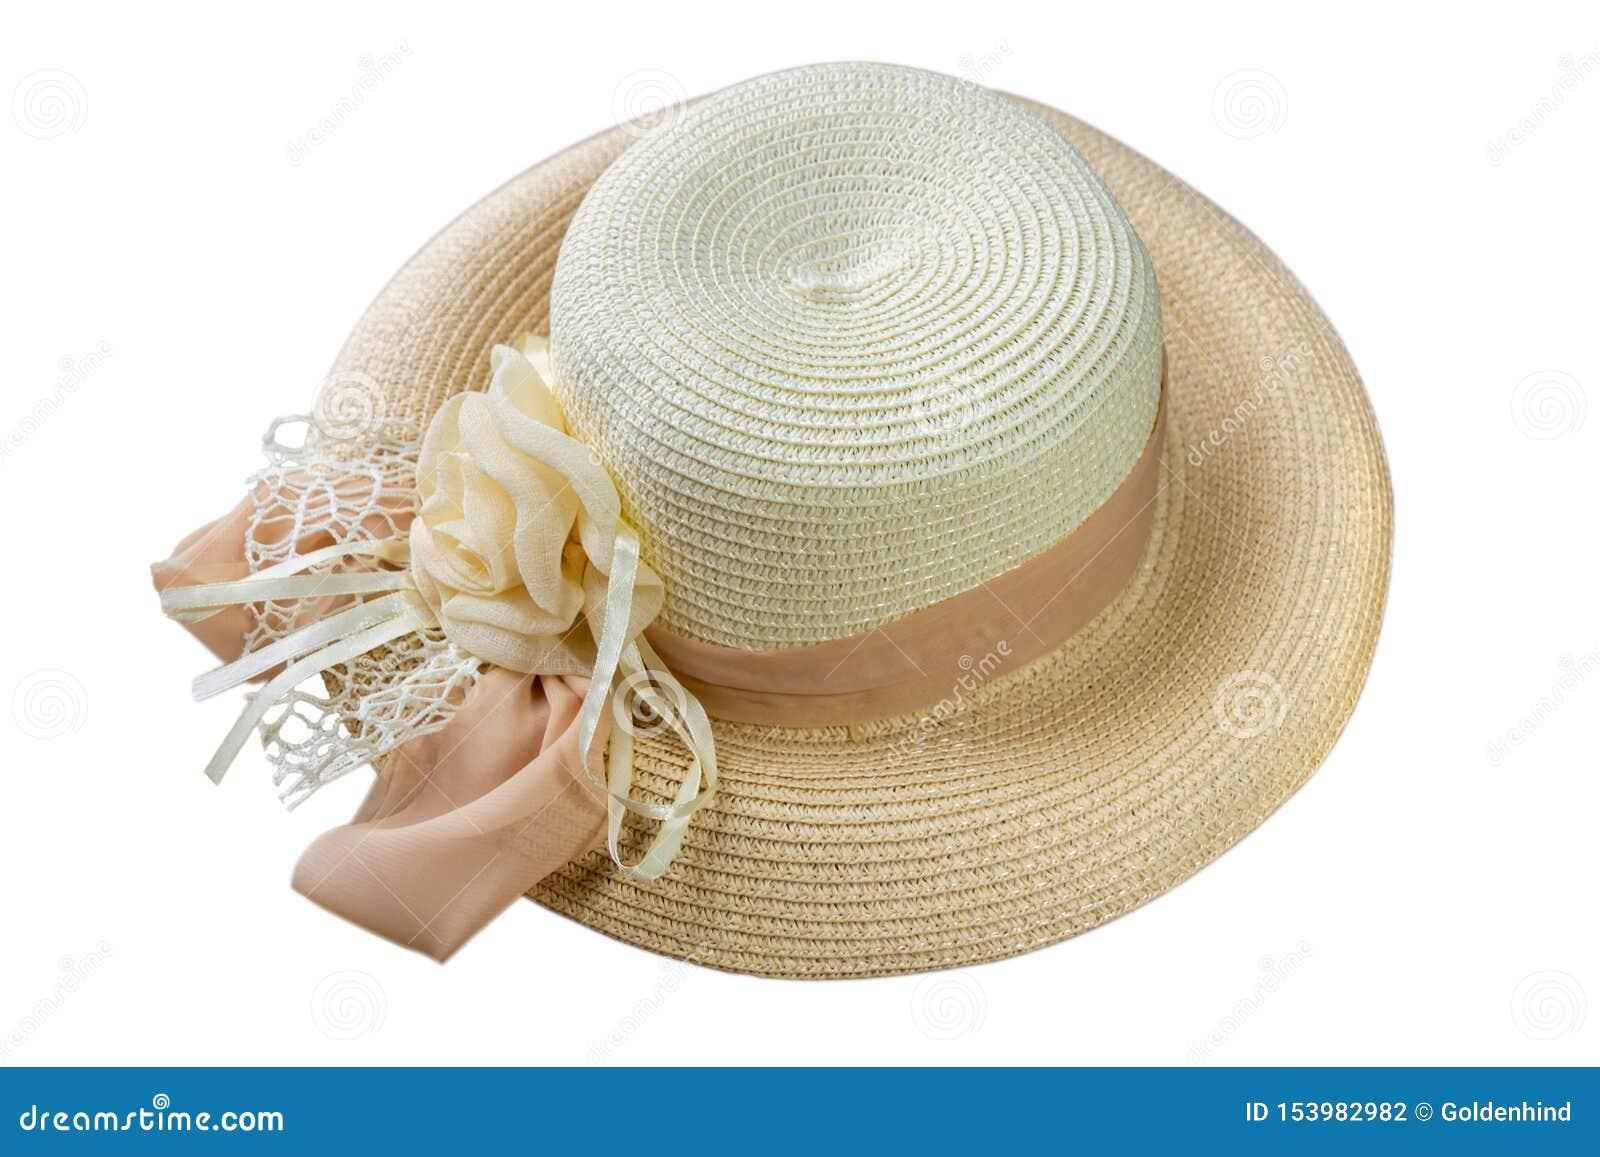 Sombrero de paja bonito con la cinta y flor aislada en la opinión blanca del sombrero de la playa del fondo de un lado